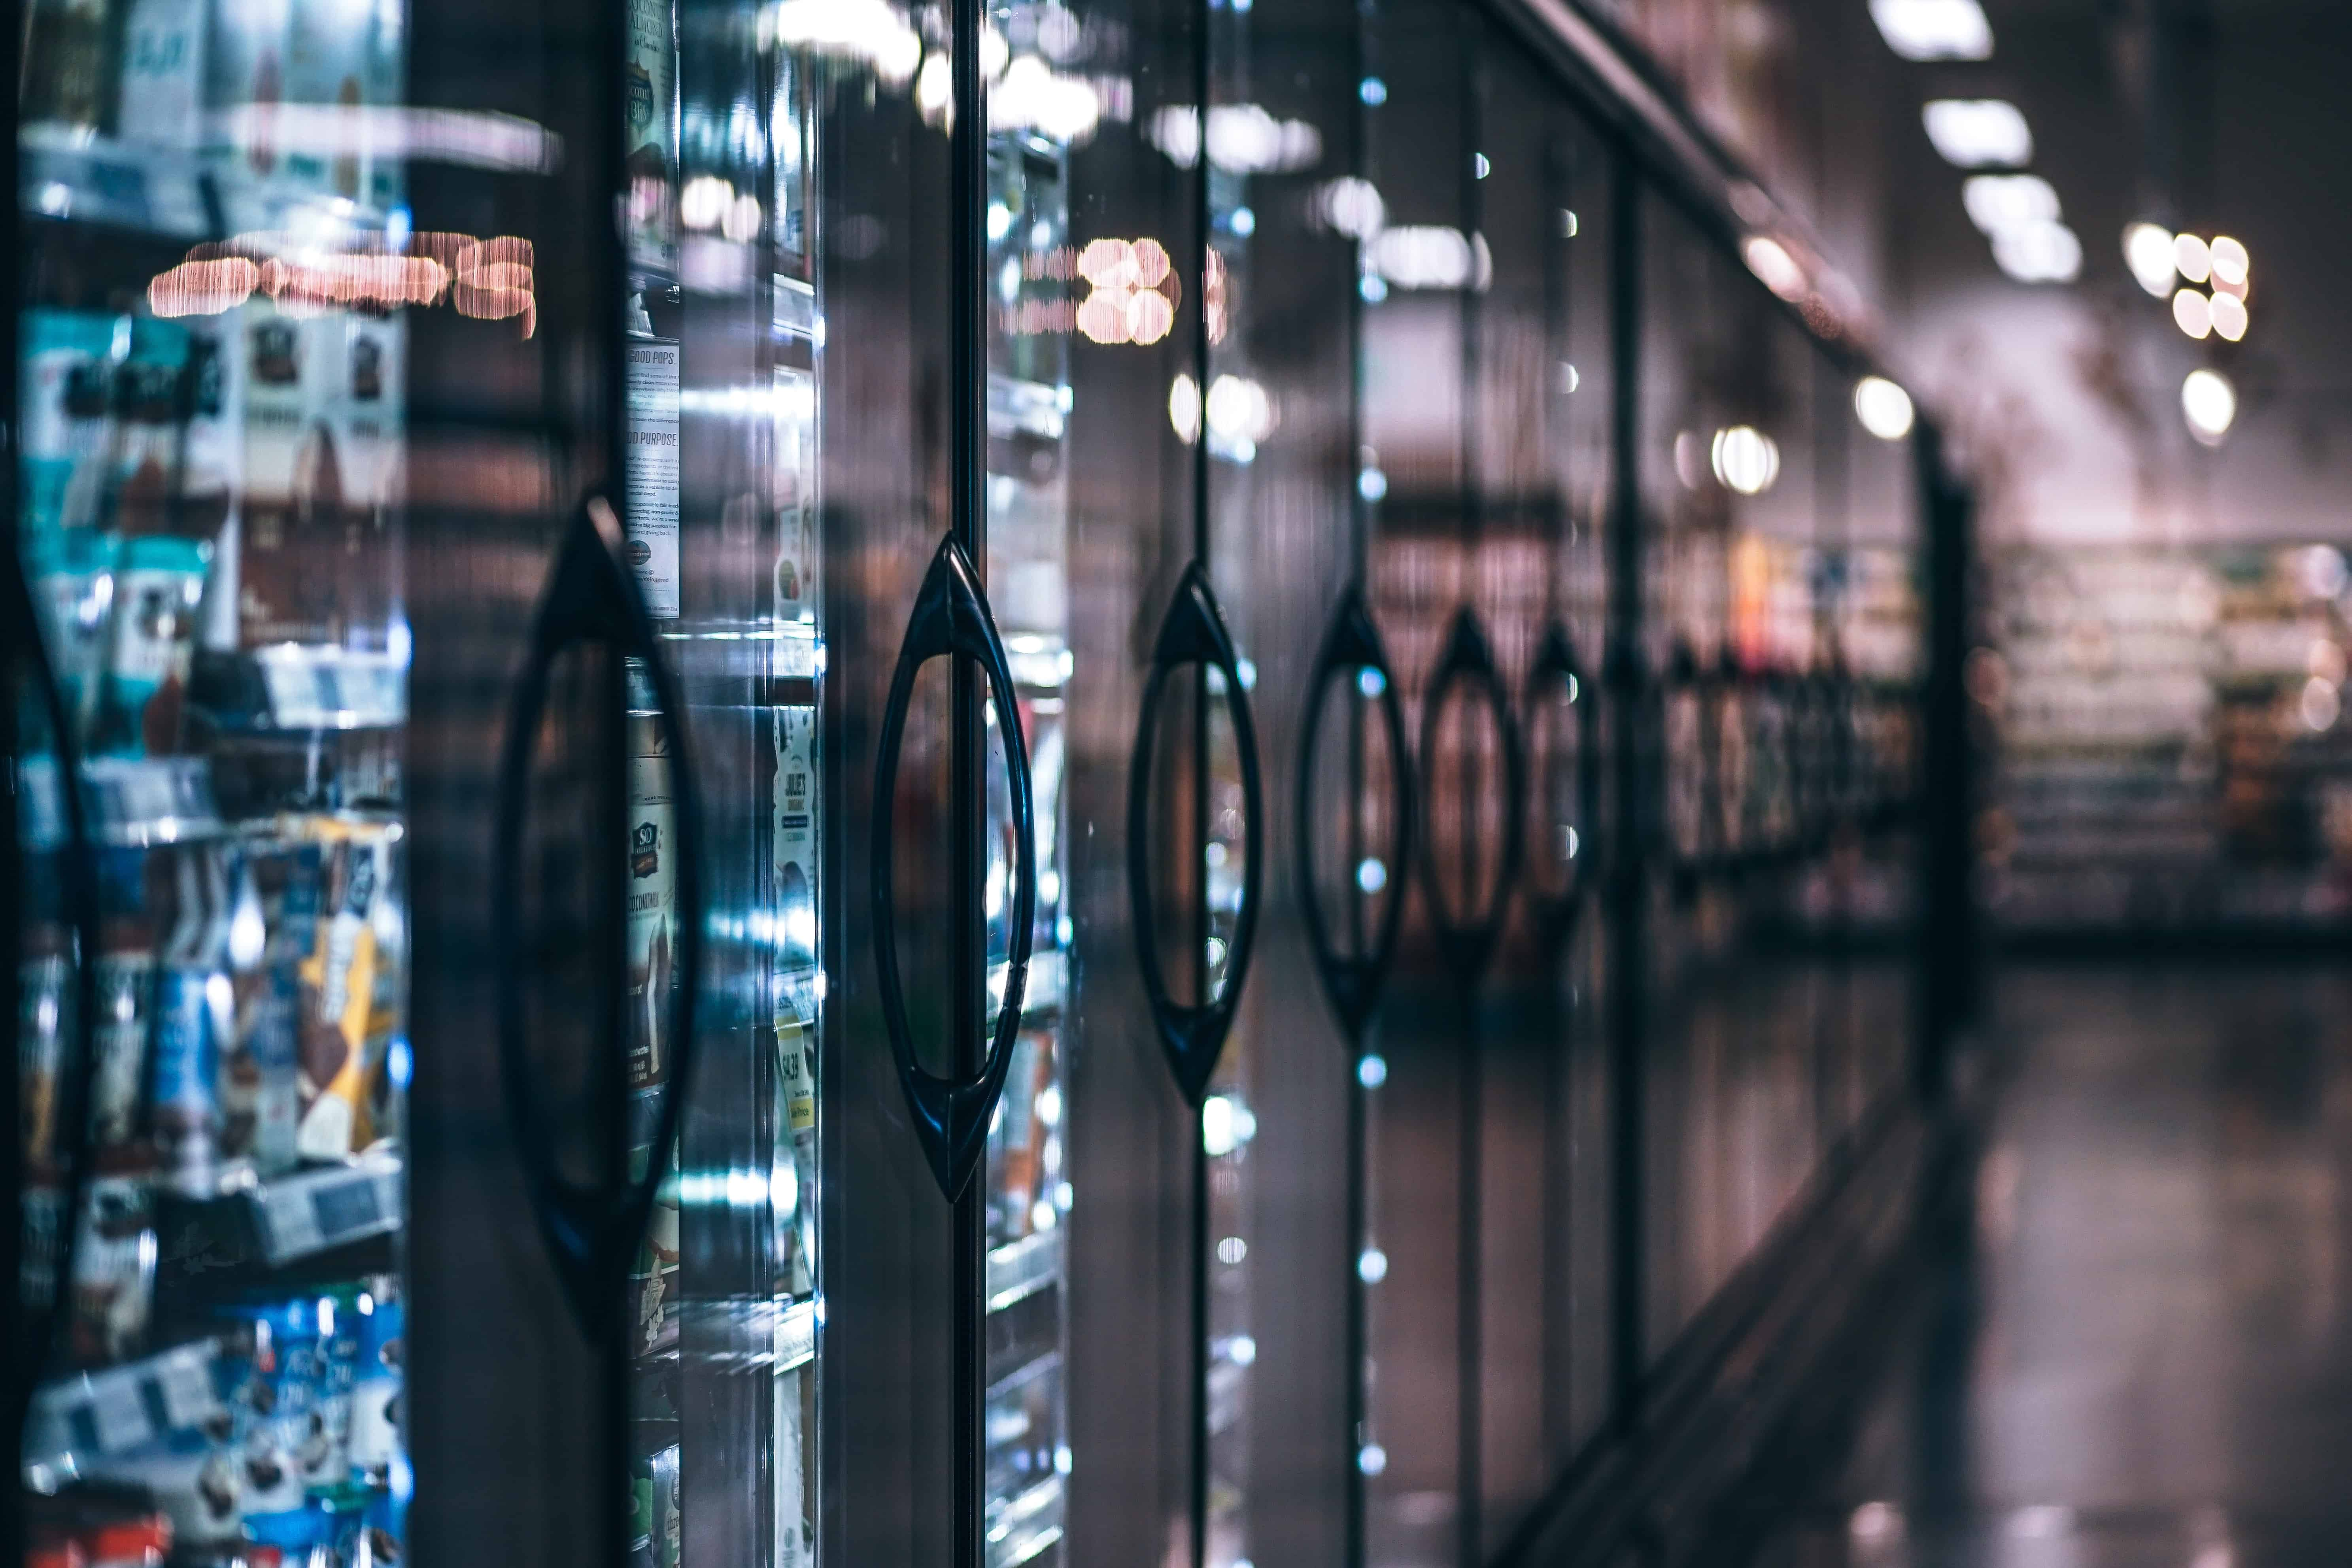 Smeg Kühlschrank Abtauen : Einbaukühlschrank test die besten kühlschränke im vergleich